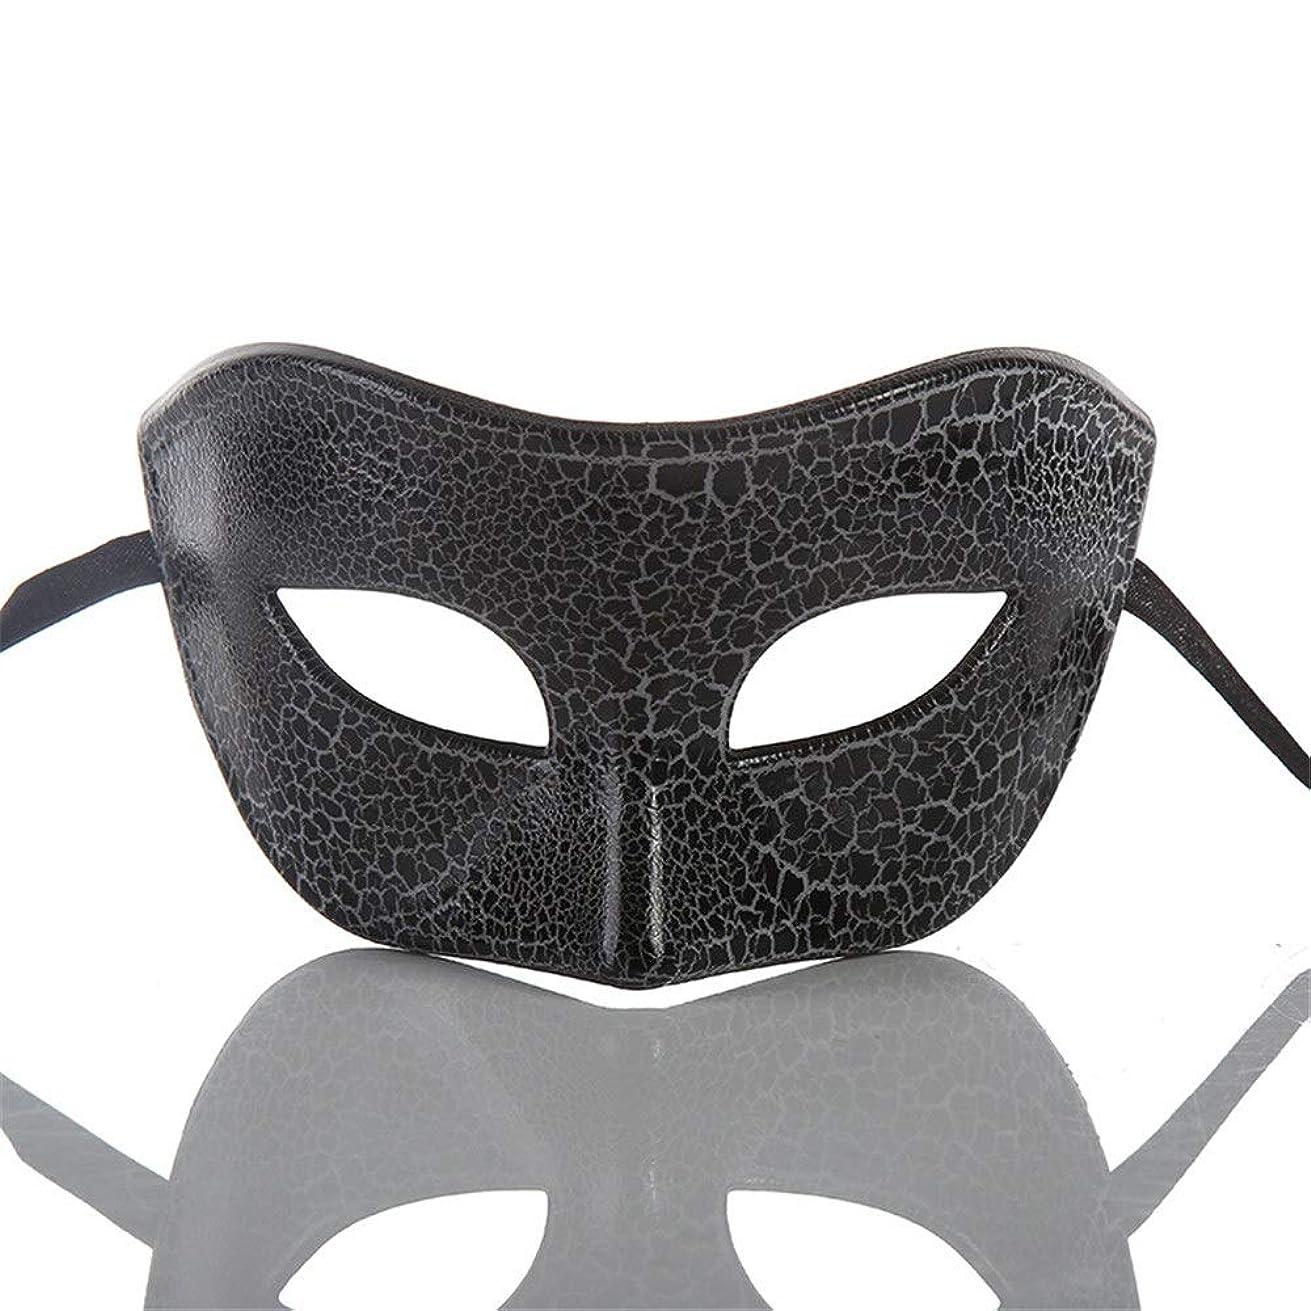 誰も登山家すきダンスマスク ハーフマスク新しいハロウィーンマスク仮装レトロコスプレメイクナイトクラブマスク雰囲気クリスマスお祝いプラスチックマスク ホリデーパーティー用品 (色 : ブラック, サイズ : 16.5x8cm)